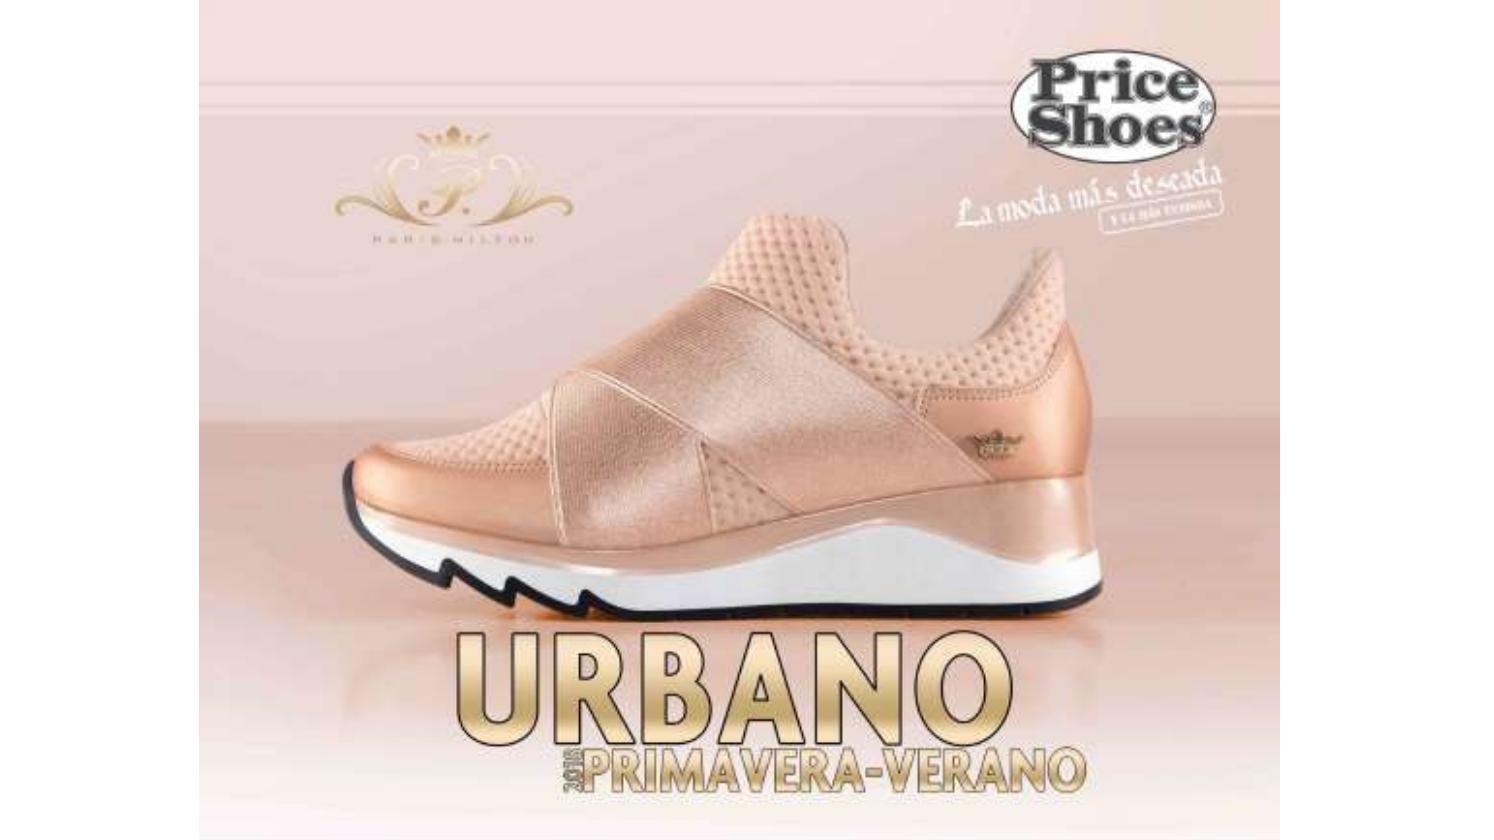 Price Shoes Urbano 2018 En 2019 Cosas Para Ponerme